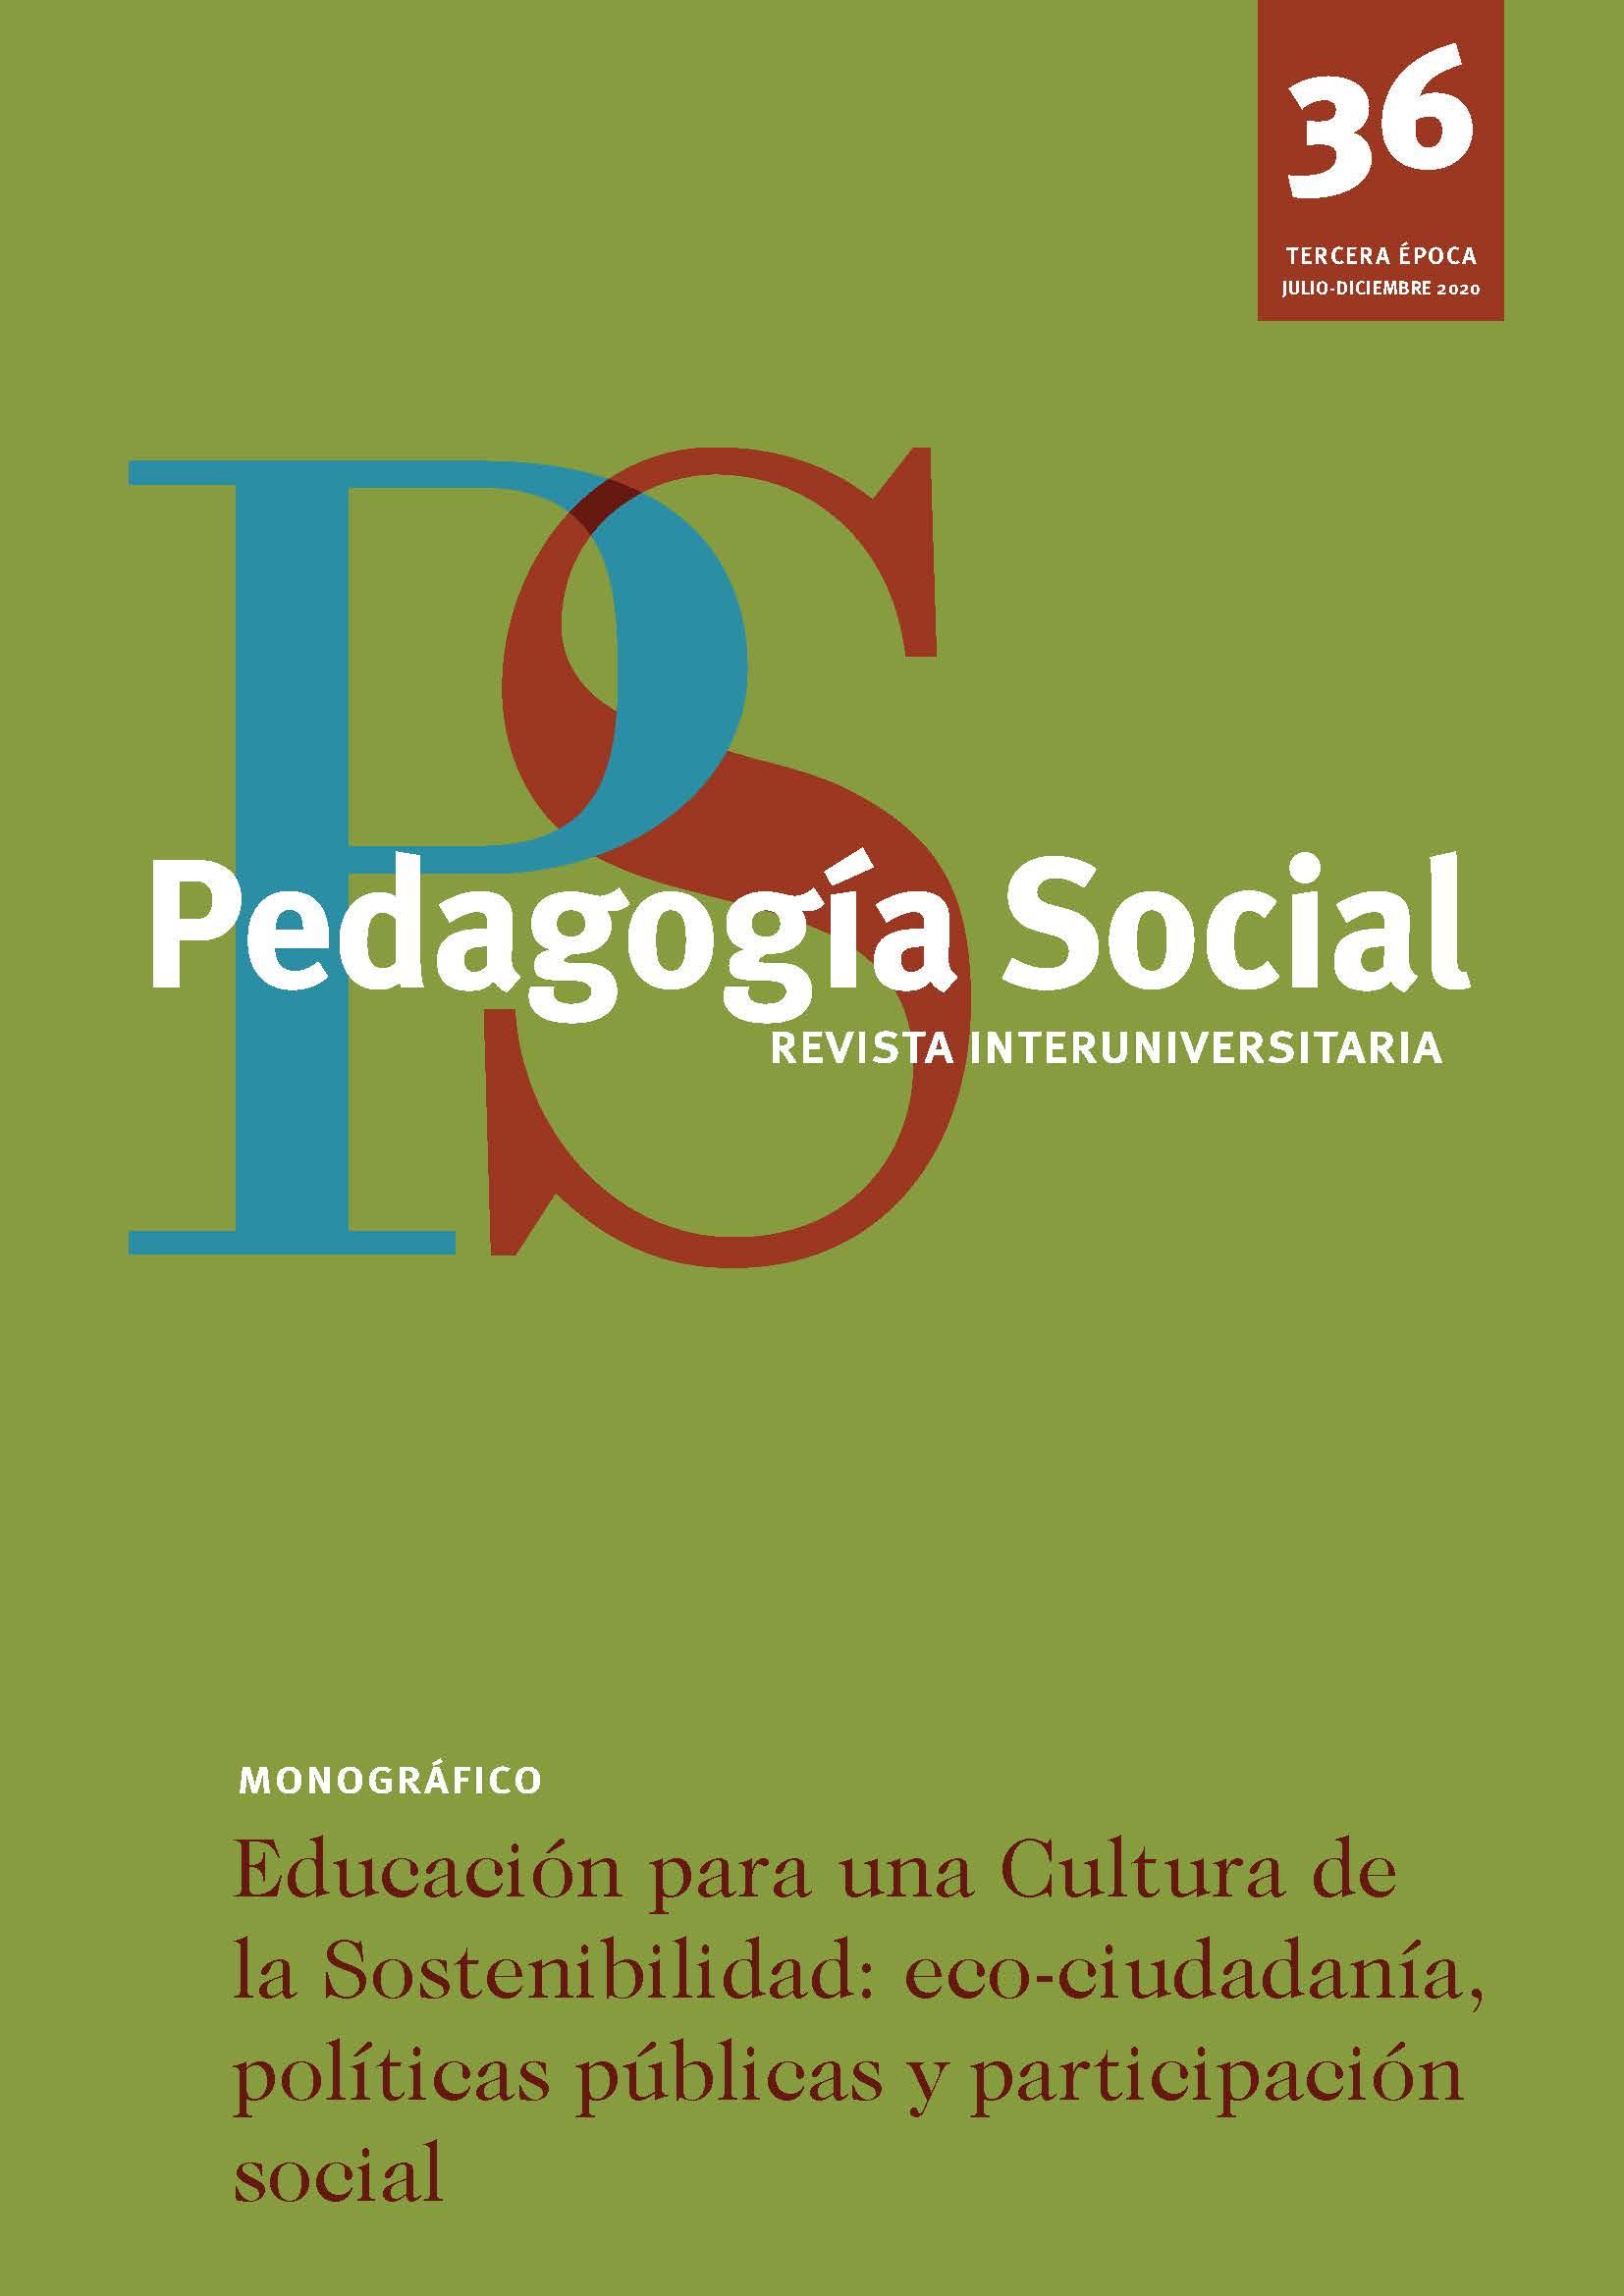 Educación para una Cultura de la Sostenibilidad: eco-ciudadanía, políticas públicas y participación social